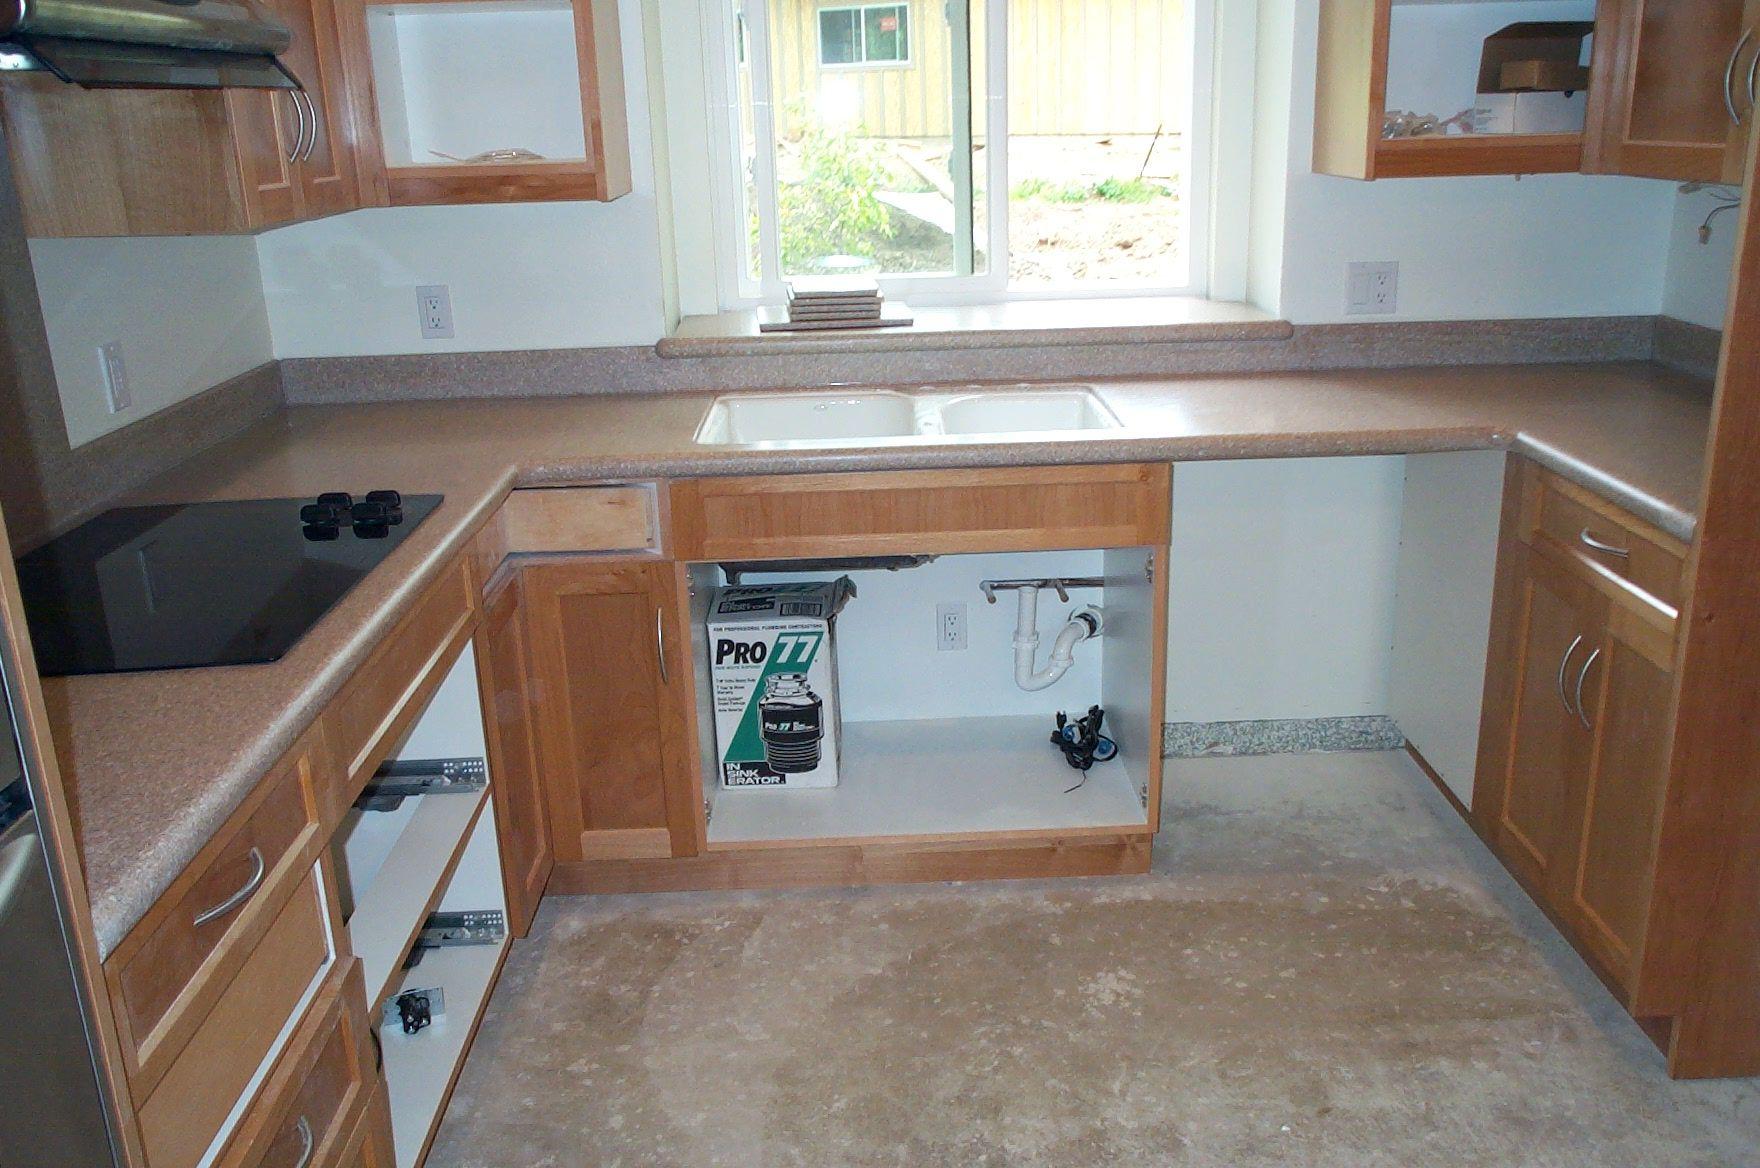 die 2 besten küche spritzschutz ideen | küche spritzschutz